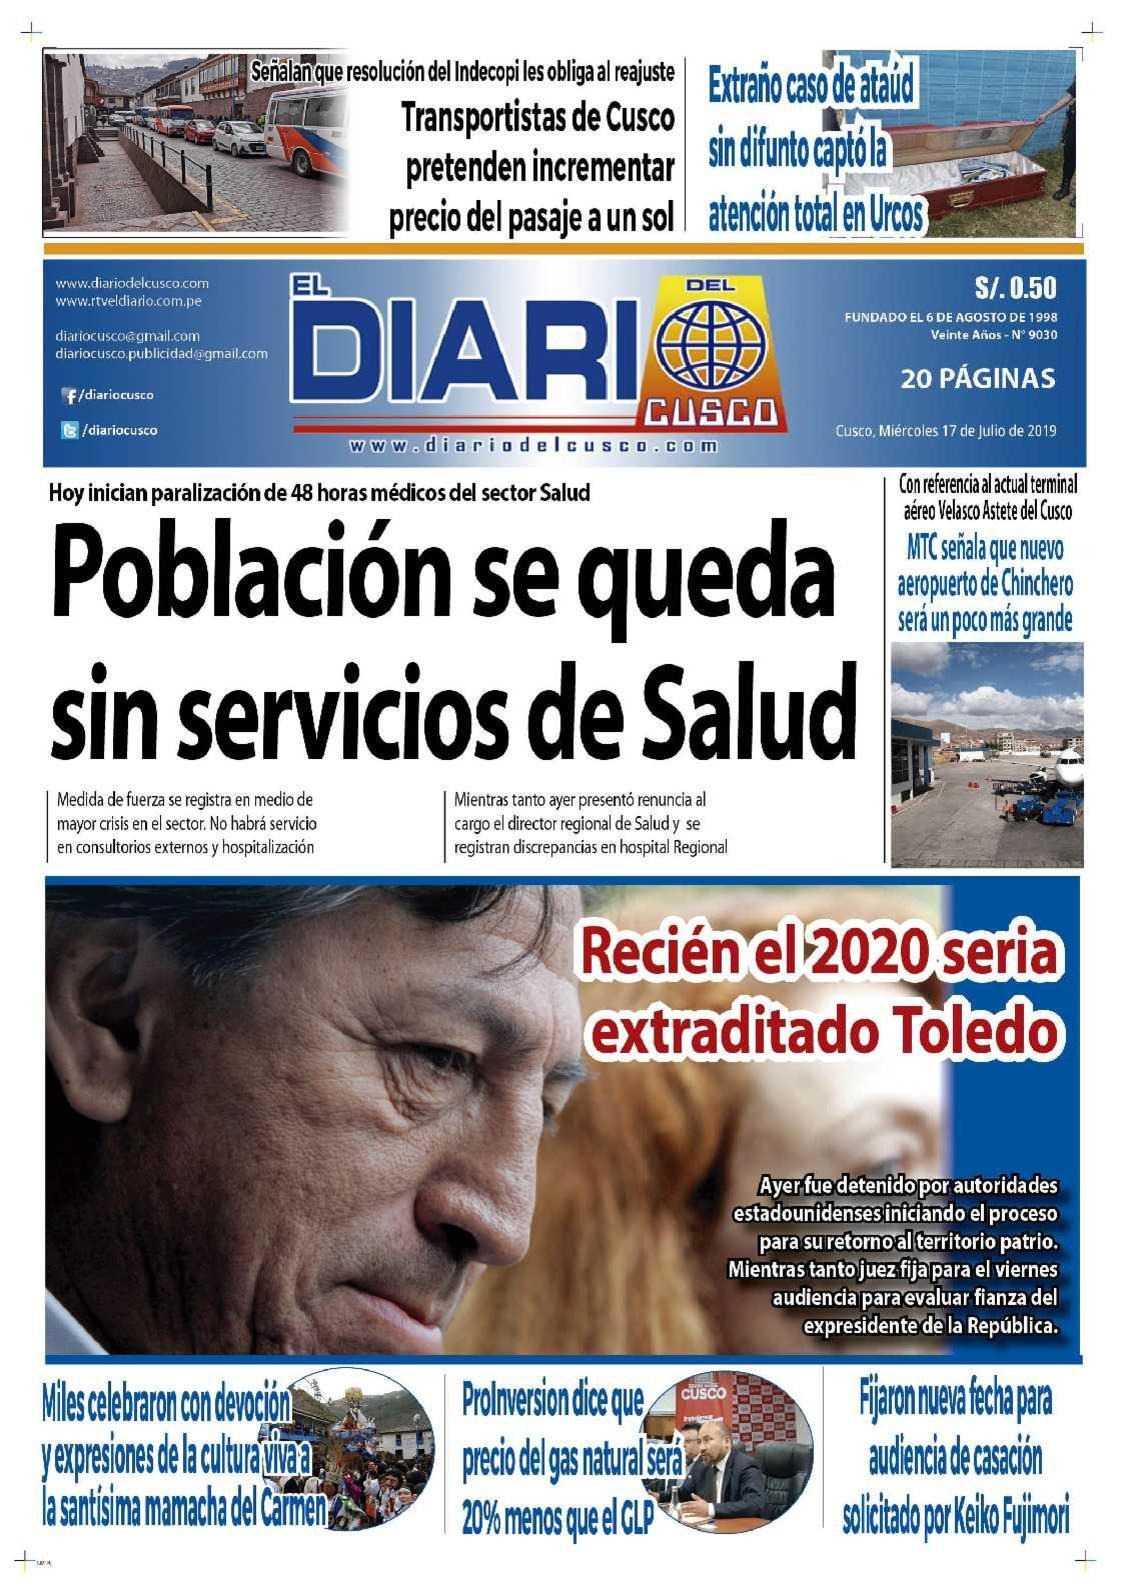 Diario del Cusco  17 de Julio de 2019